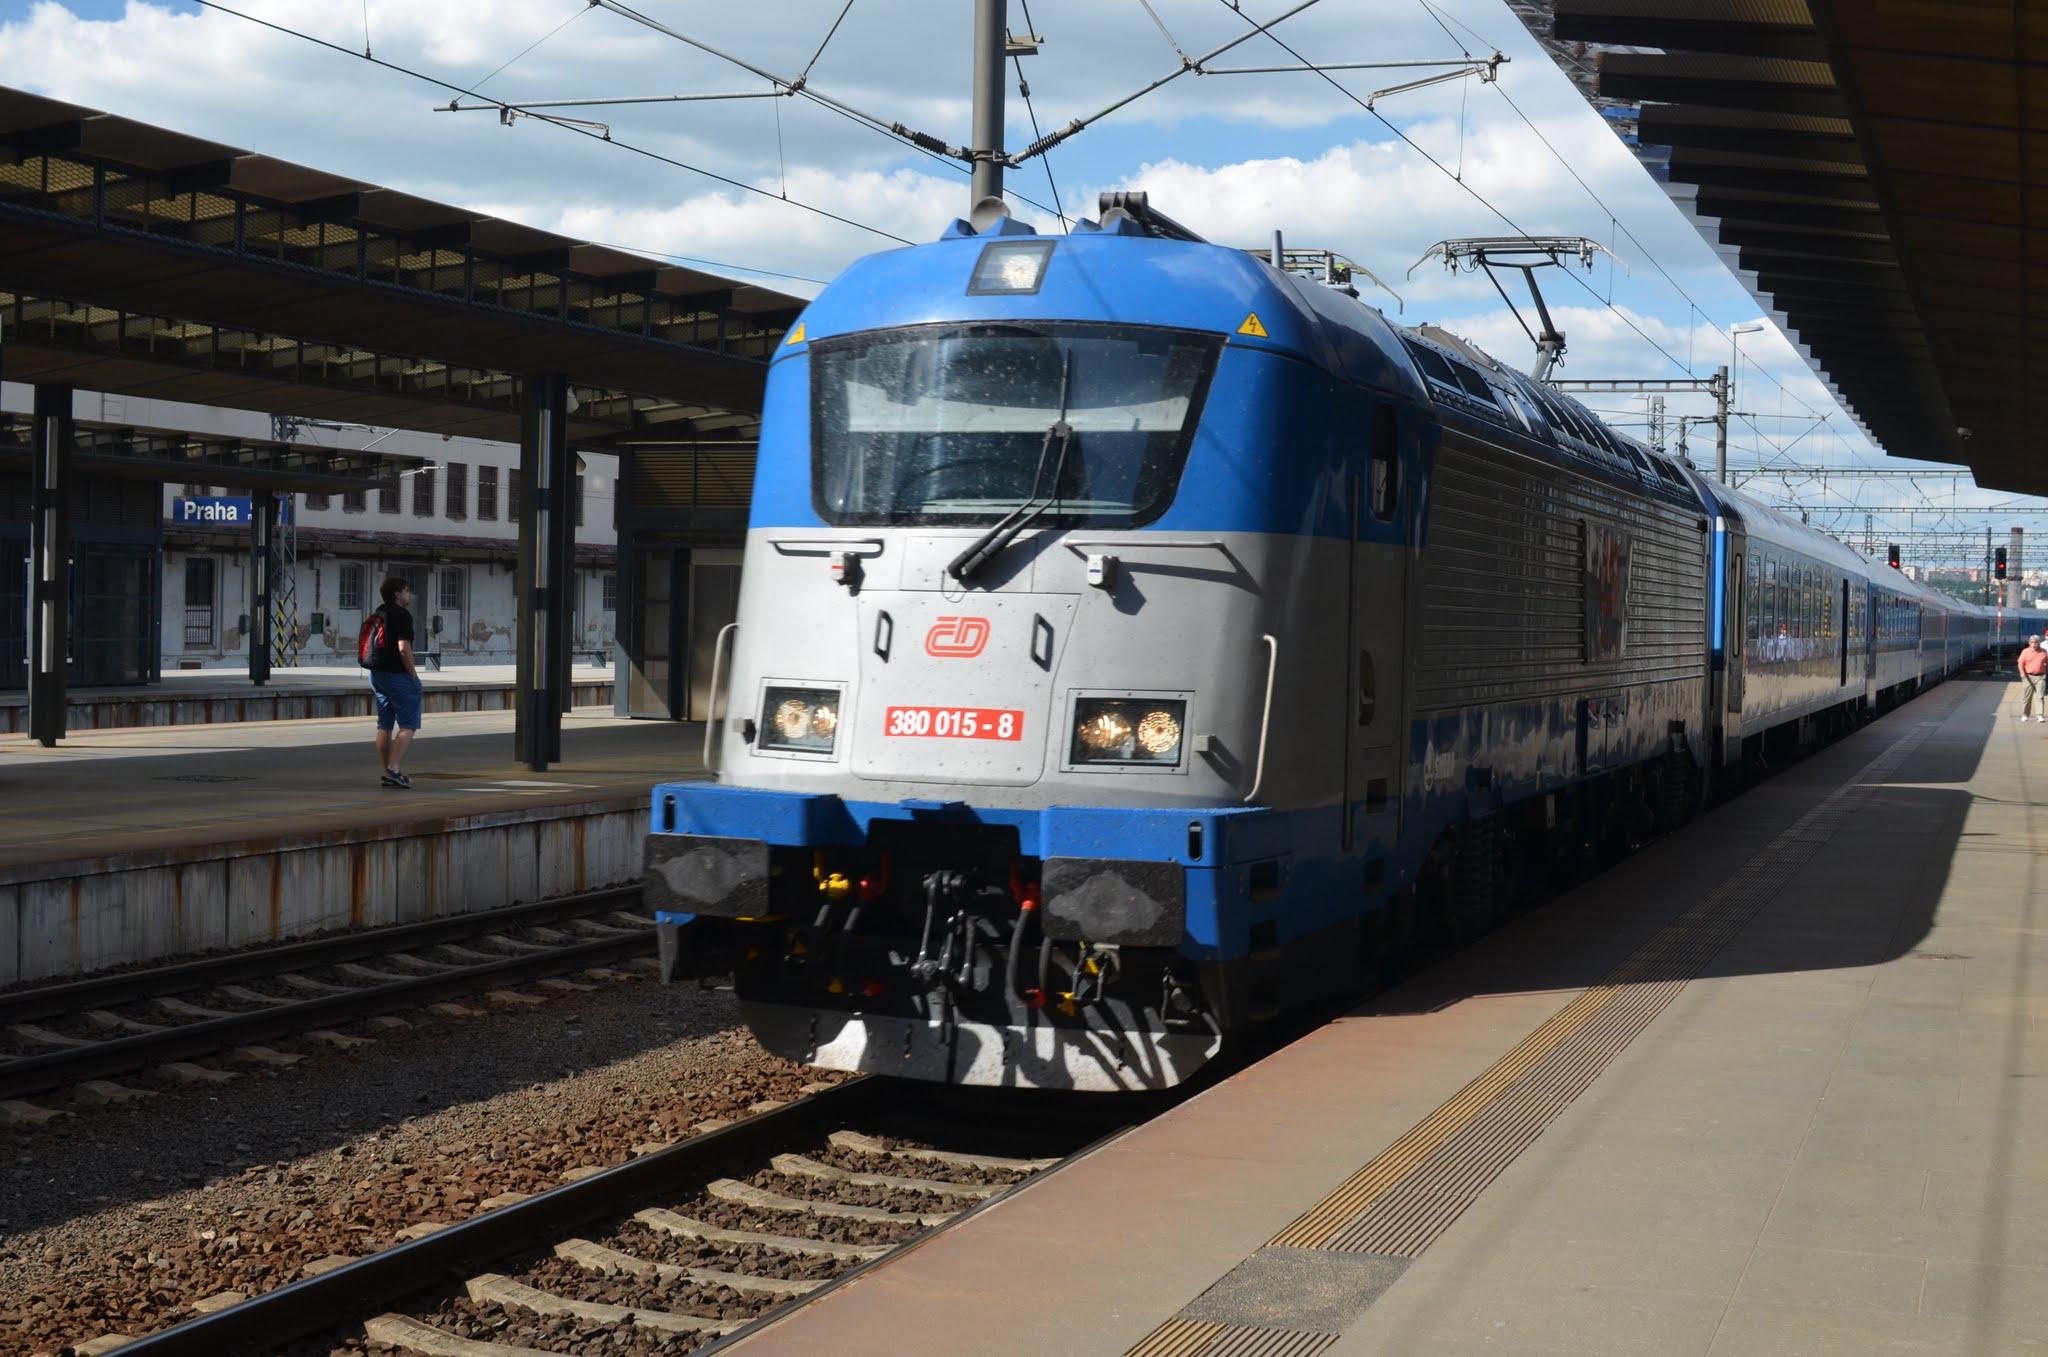 Tschechien: Mit der Bahn durch Tschechien / 7 Tage = 30 €, 14 Tage = 45 €